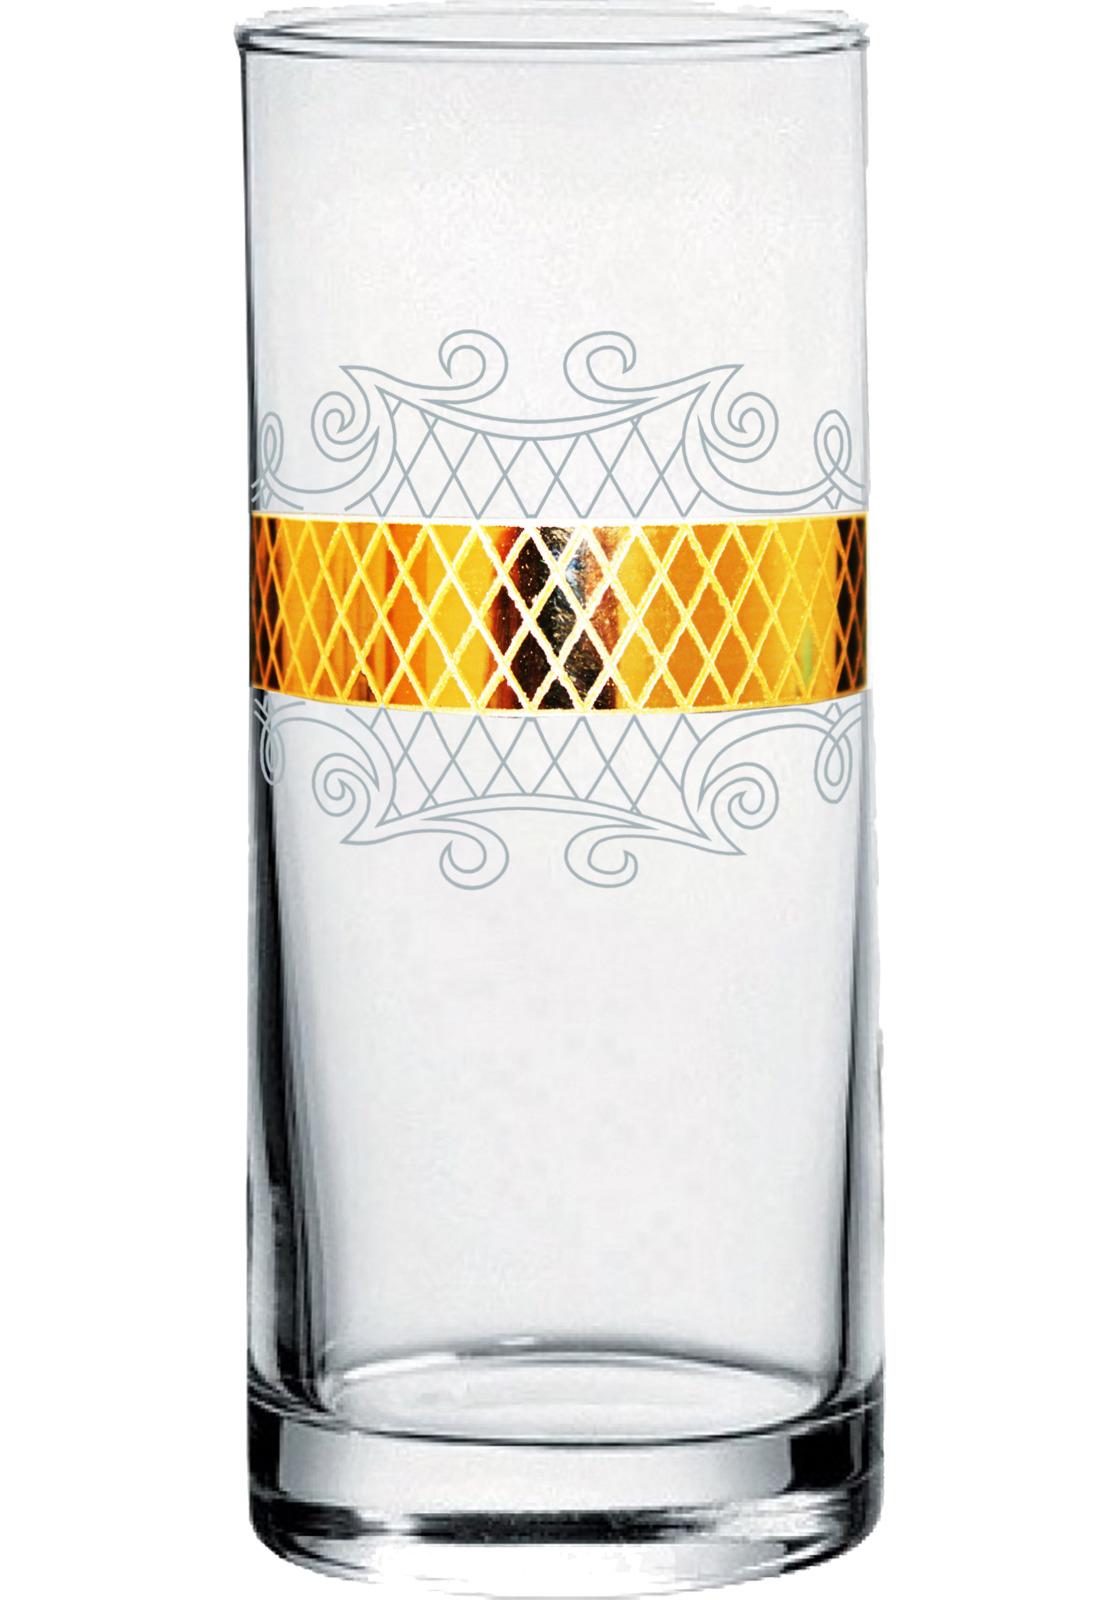 Набор стаканов Гусь-Хрустальный Винтаж, EAV25-402, 290 мл, 6 шт набор стаканов гусь хрустальный веточка 350 мл 6 шт